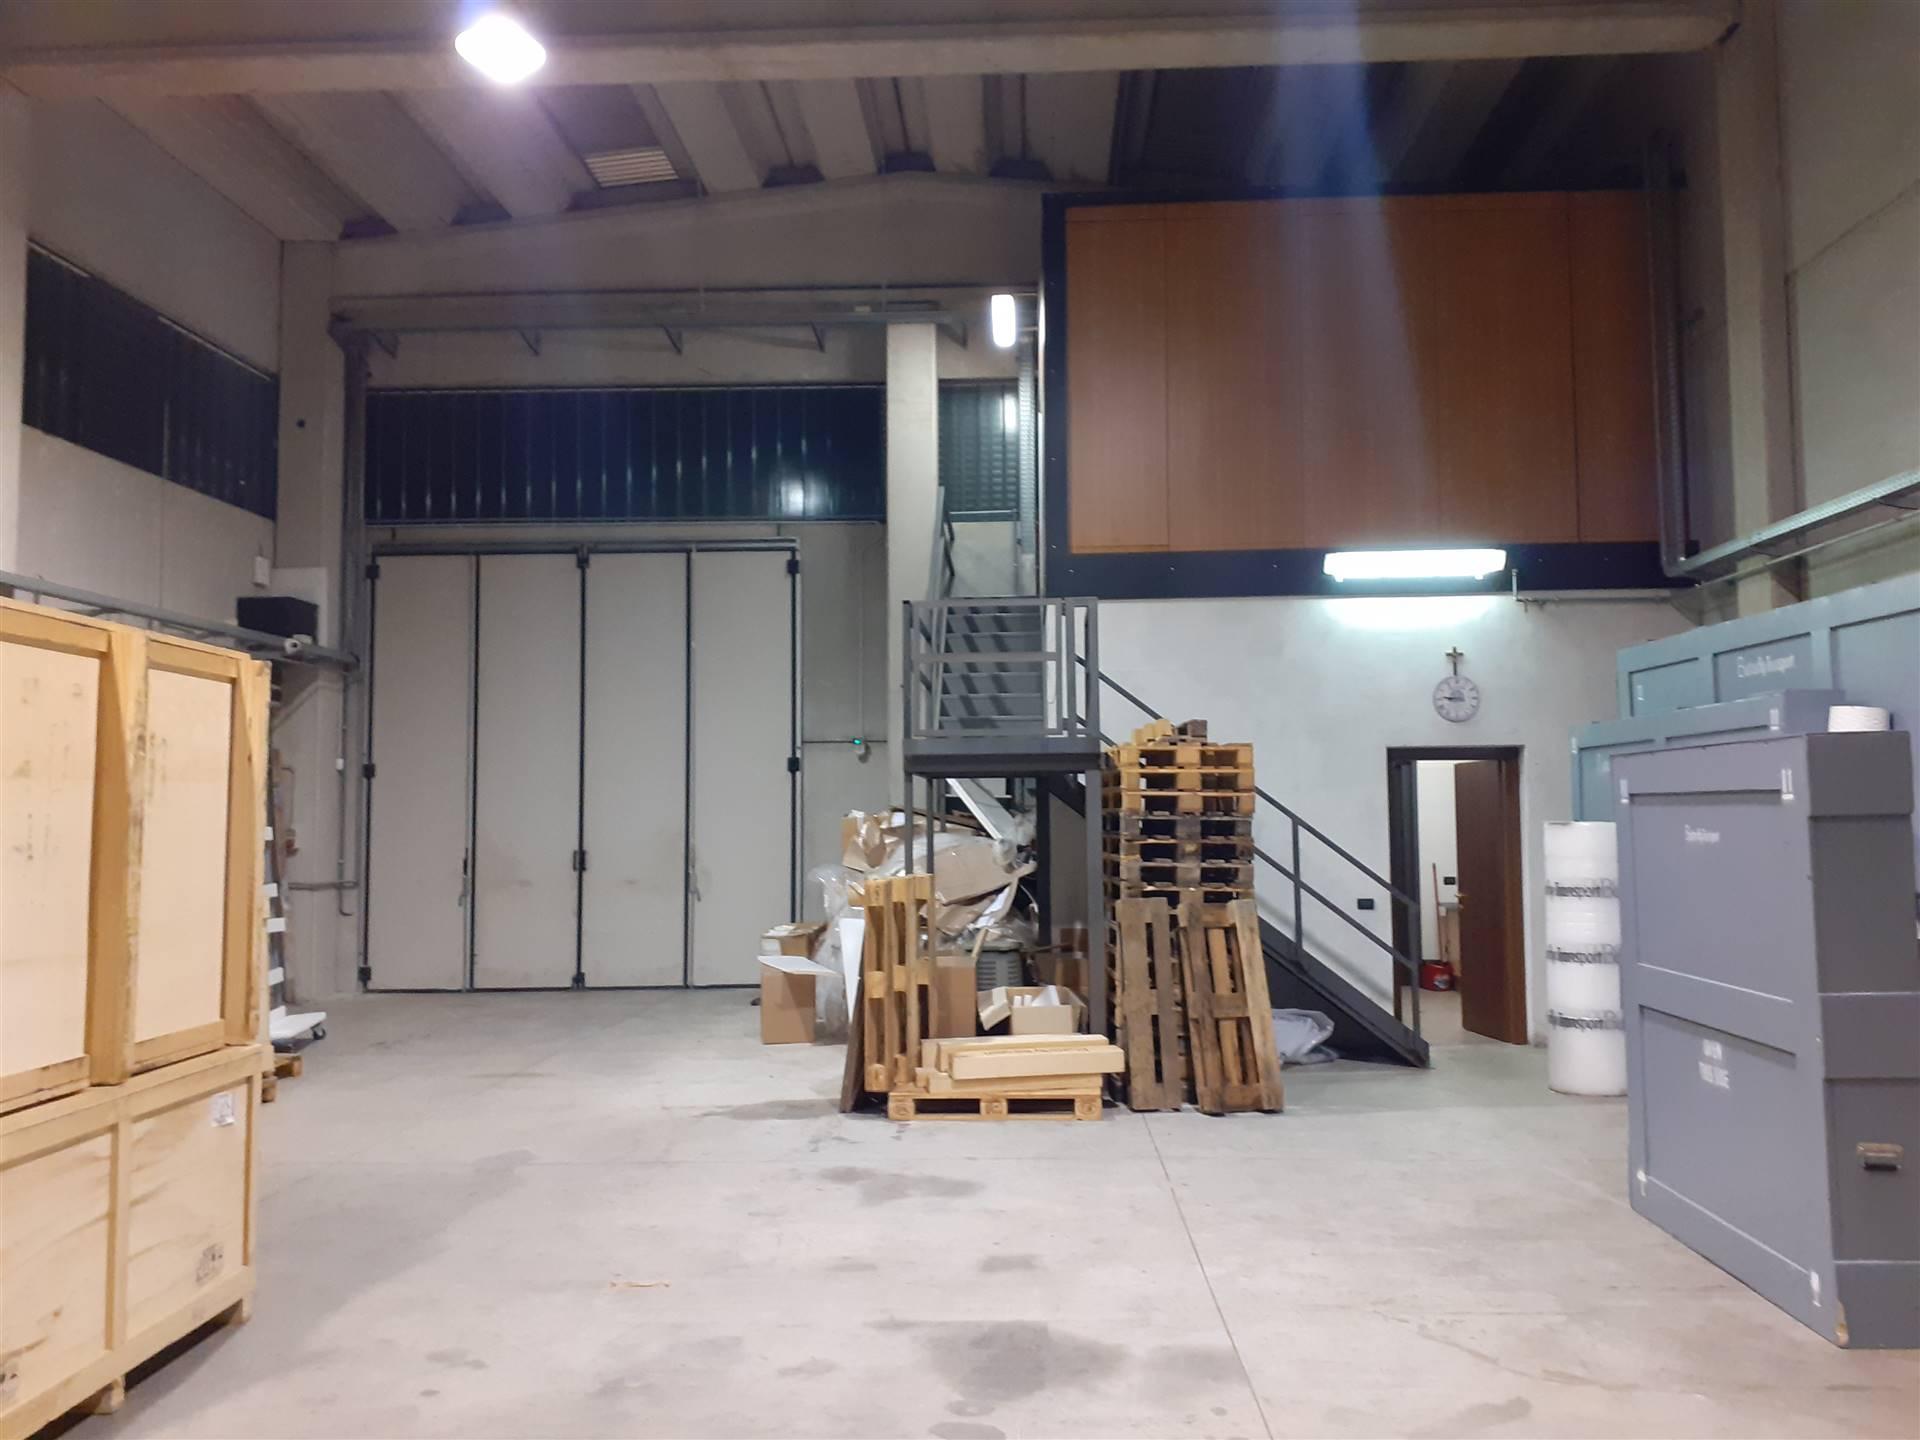 Capannone in vendita a Cassina de' Pecchi, 9999 locali, prezzo € 270.000 | PortaleAgenzieImmobiliari.it